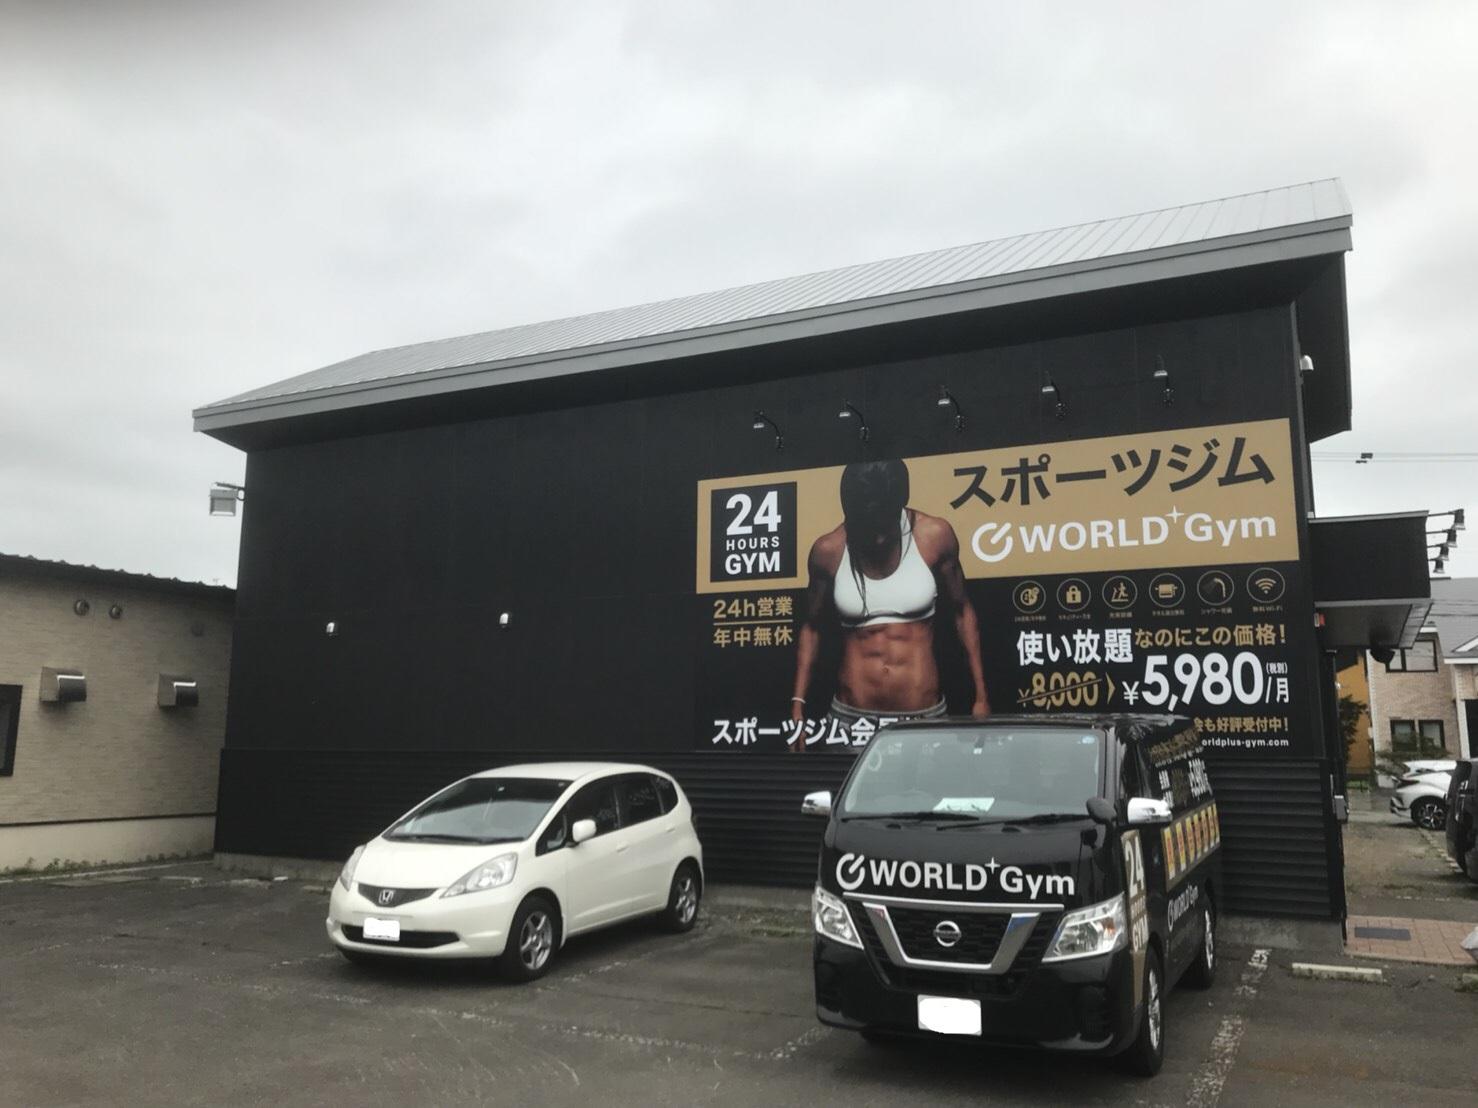 ワールド+ジム 釧路文苑店